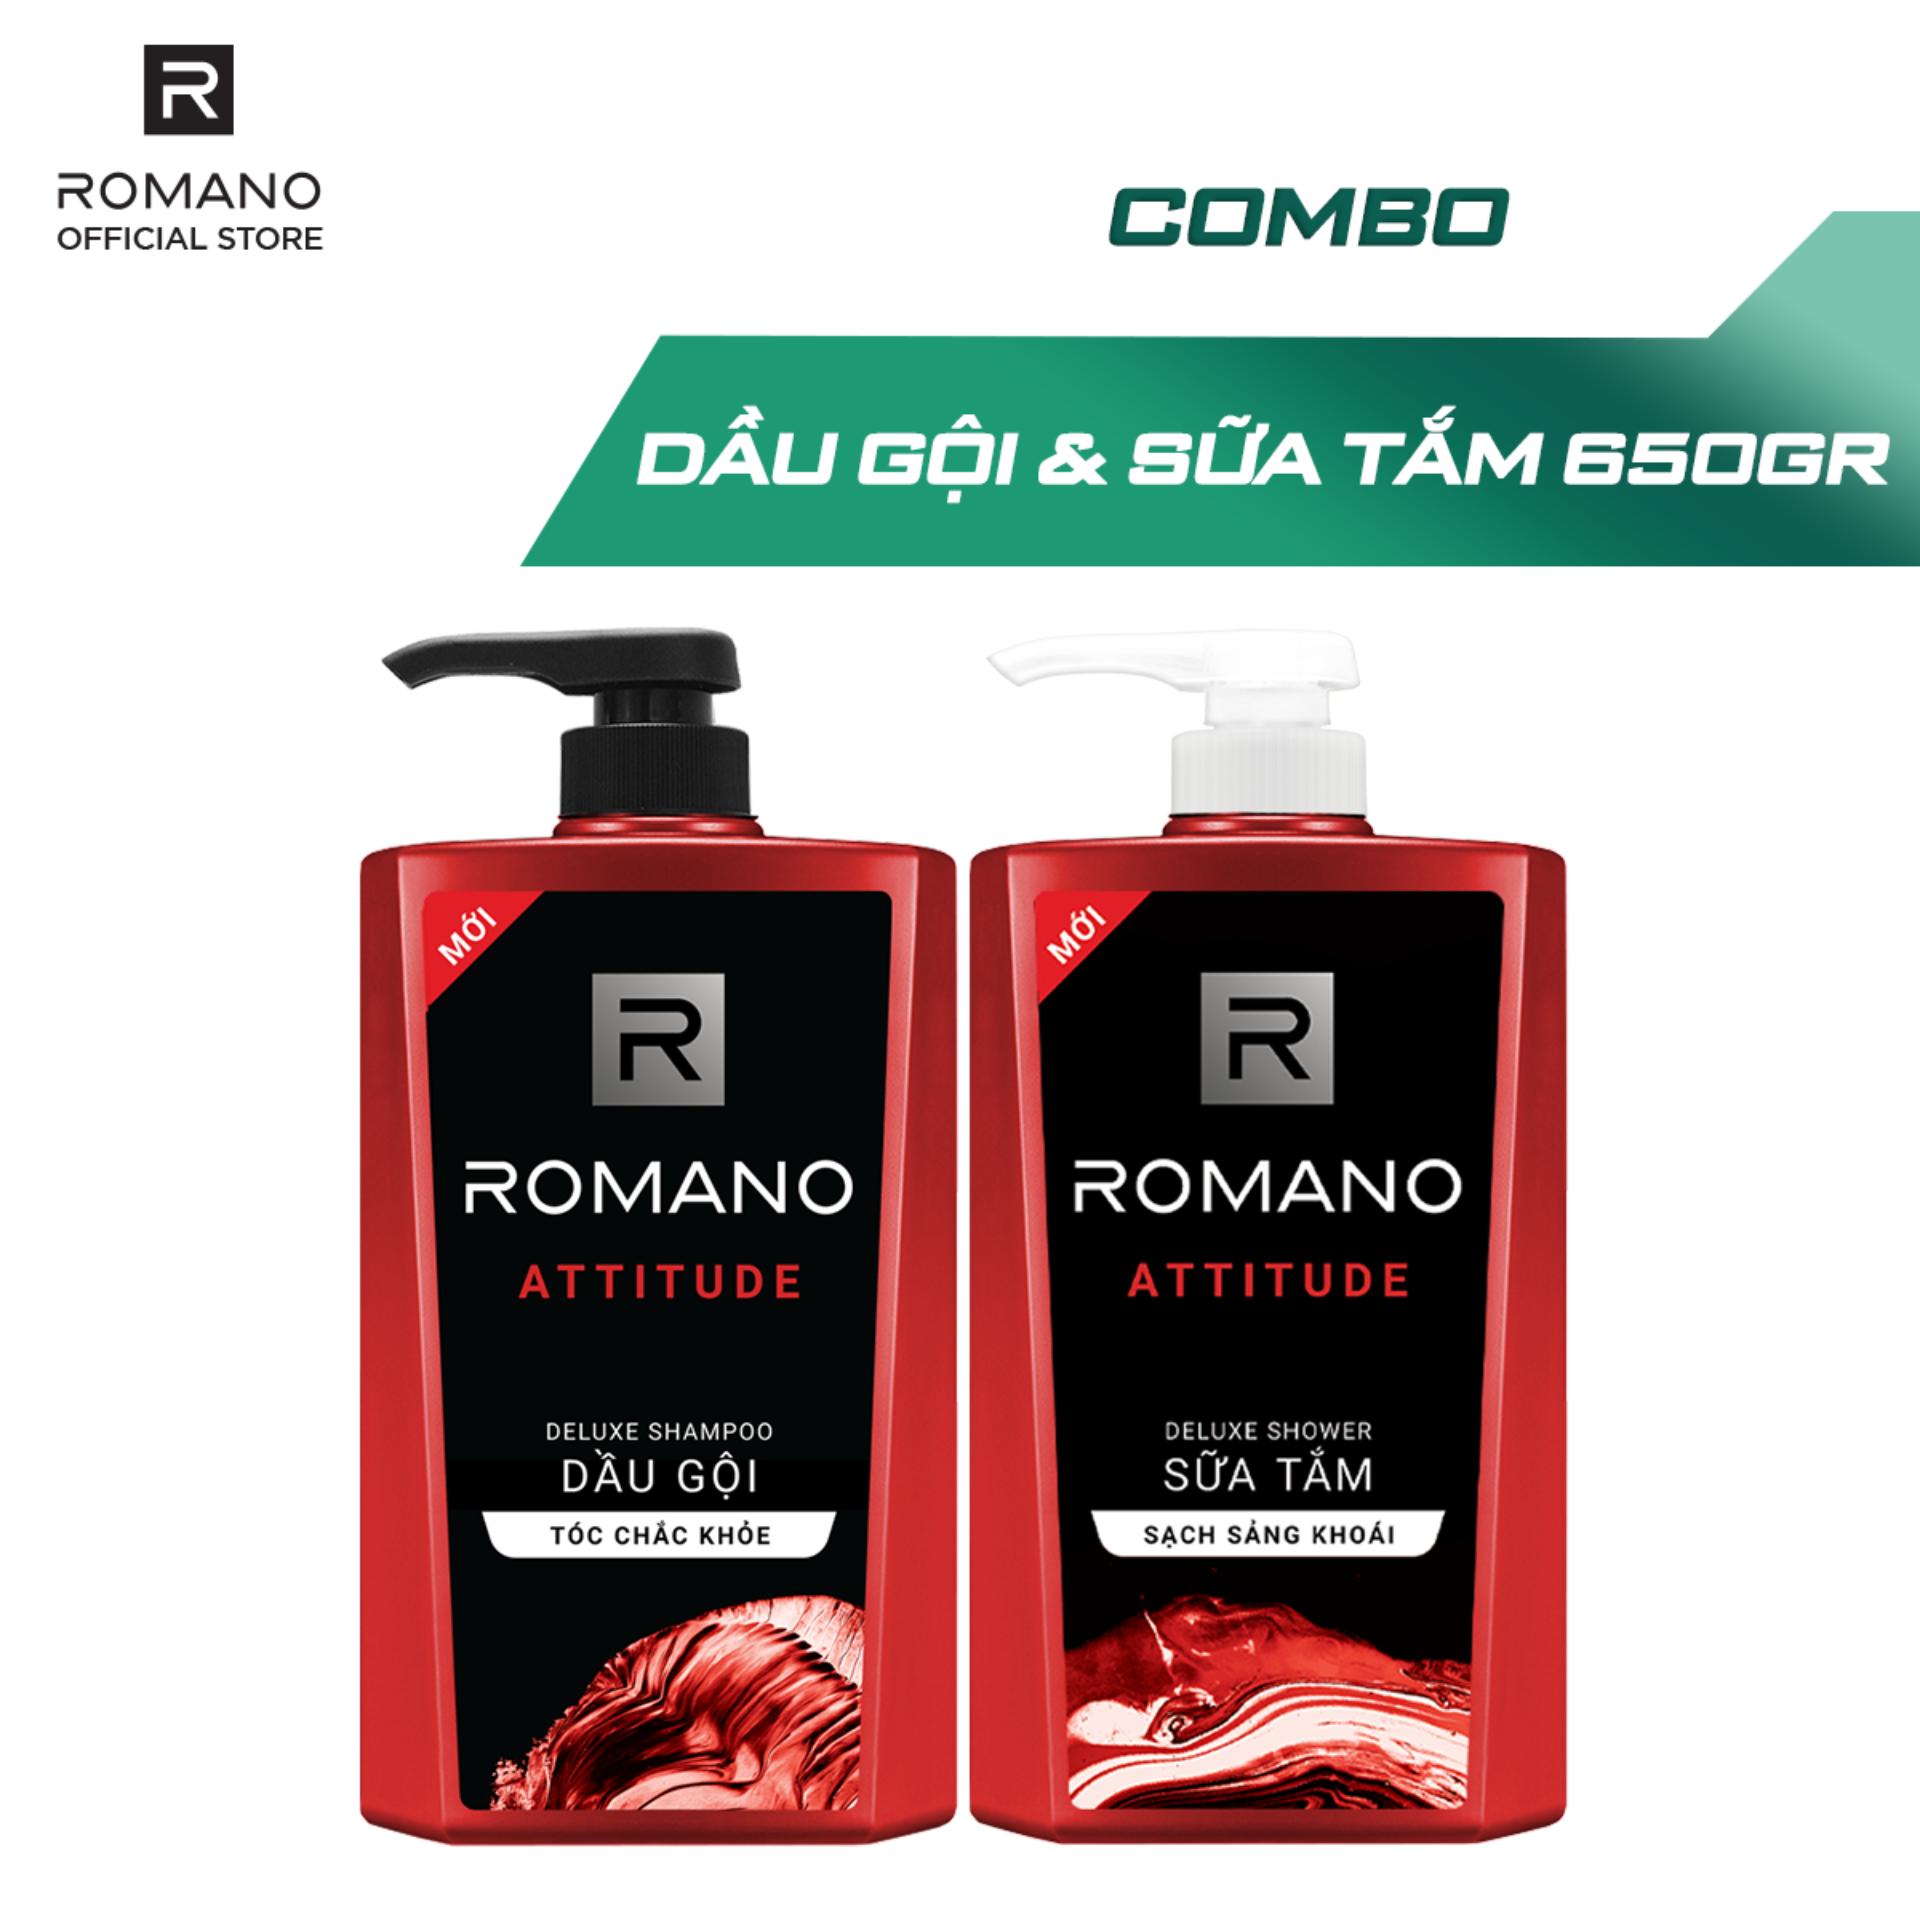 Combo Dầu gội và Sữa tắm cao cấp Romano Attitude sang trọng đẳng cấp 650gr nhập khẩu